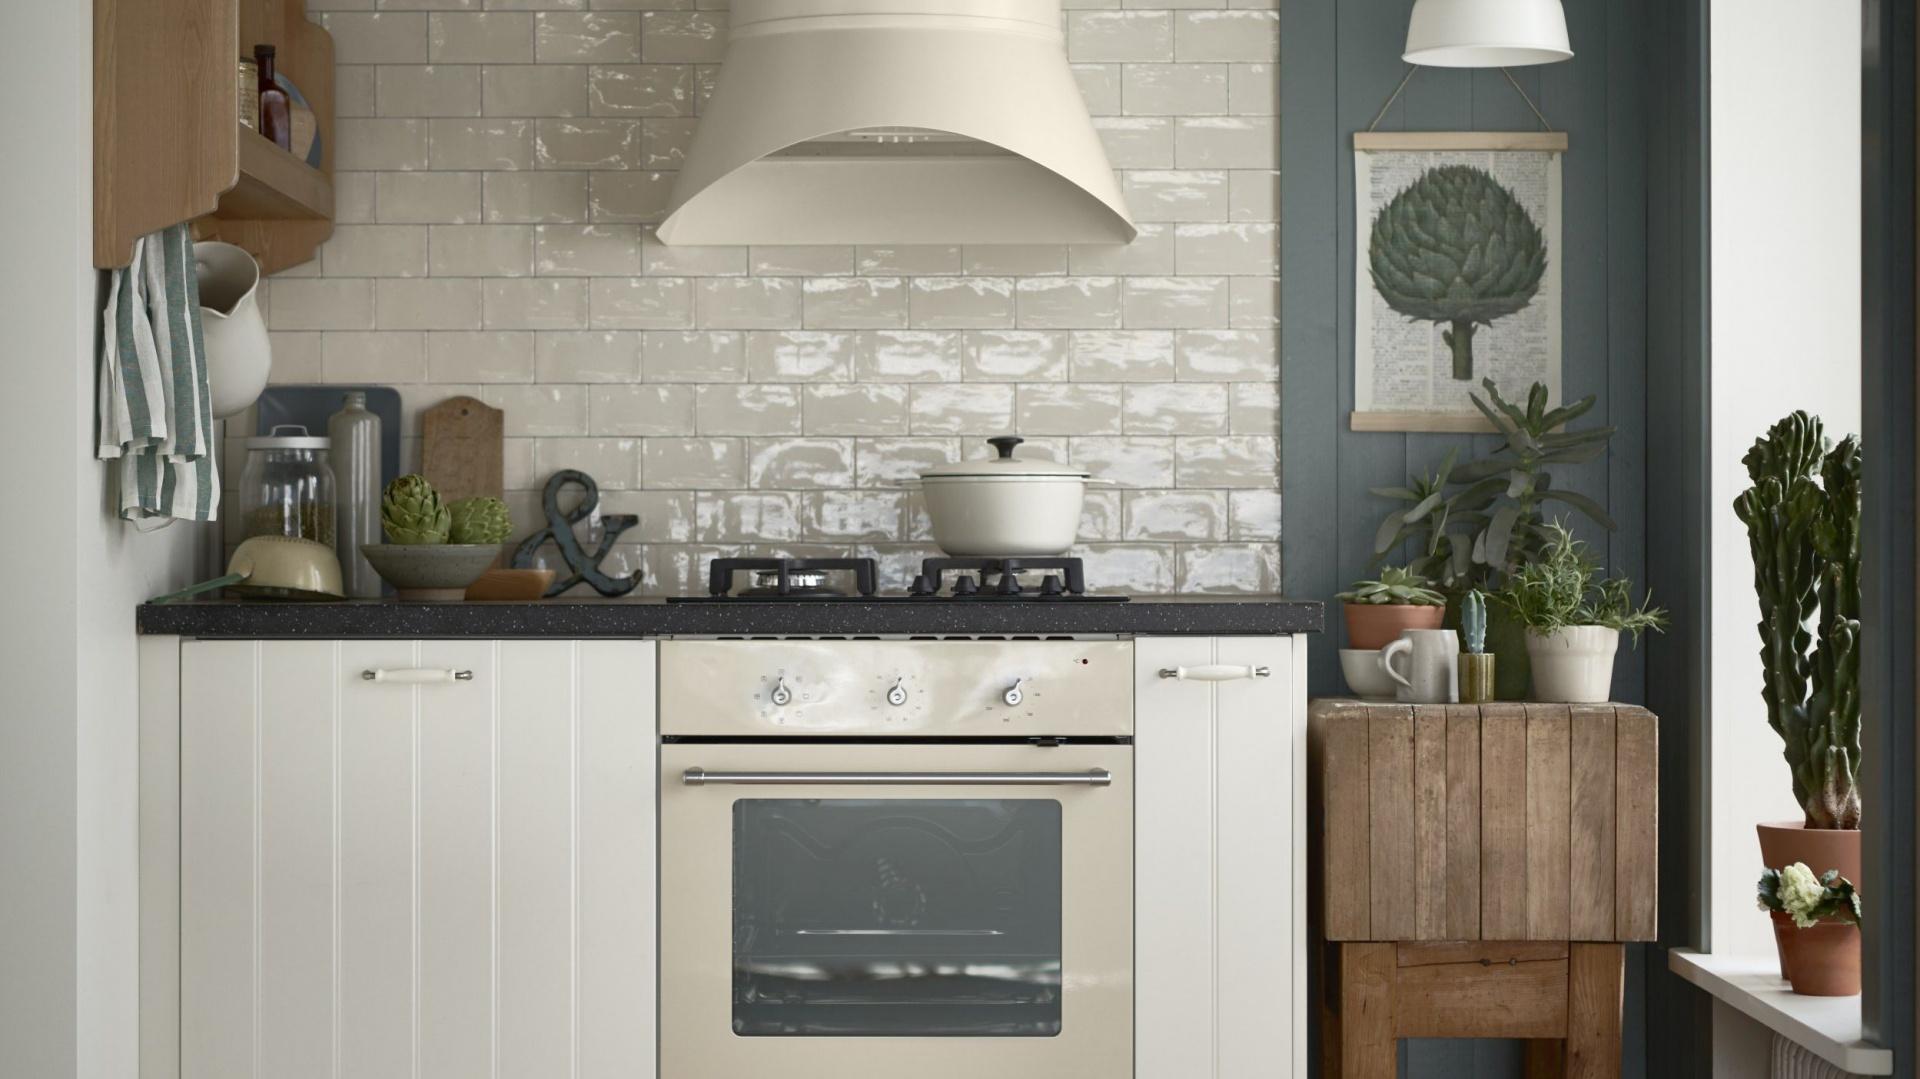 Wyjątkowy klimat skandynawskiej kuchni podkreślą piekarnik i montowany do ściany okap TJÄNLIG. Unikalny wygląd to zasługa stylowego designu oraz wykończenia w kolorze złamanej bieli. 1.299 zł/okap, piekarnik 899 zł/piekarnik. Fot. IKEA